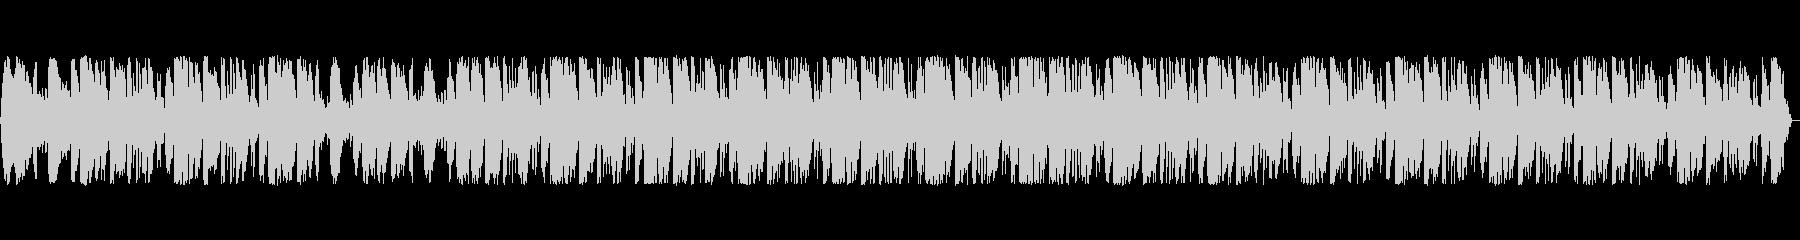 シンセサイザーを使った近未来的なポップスの未再生の波形